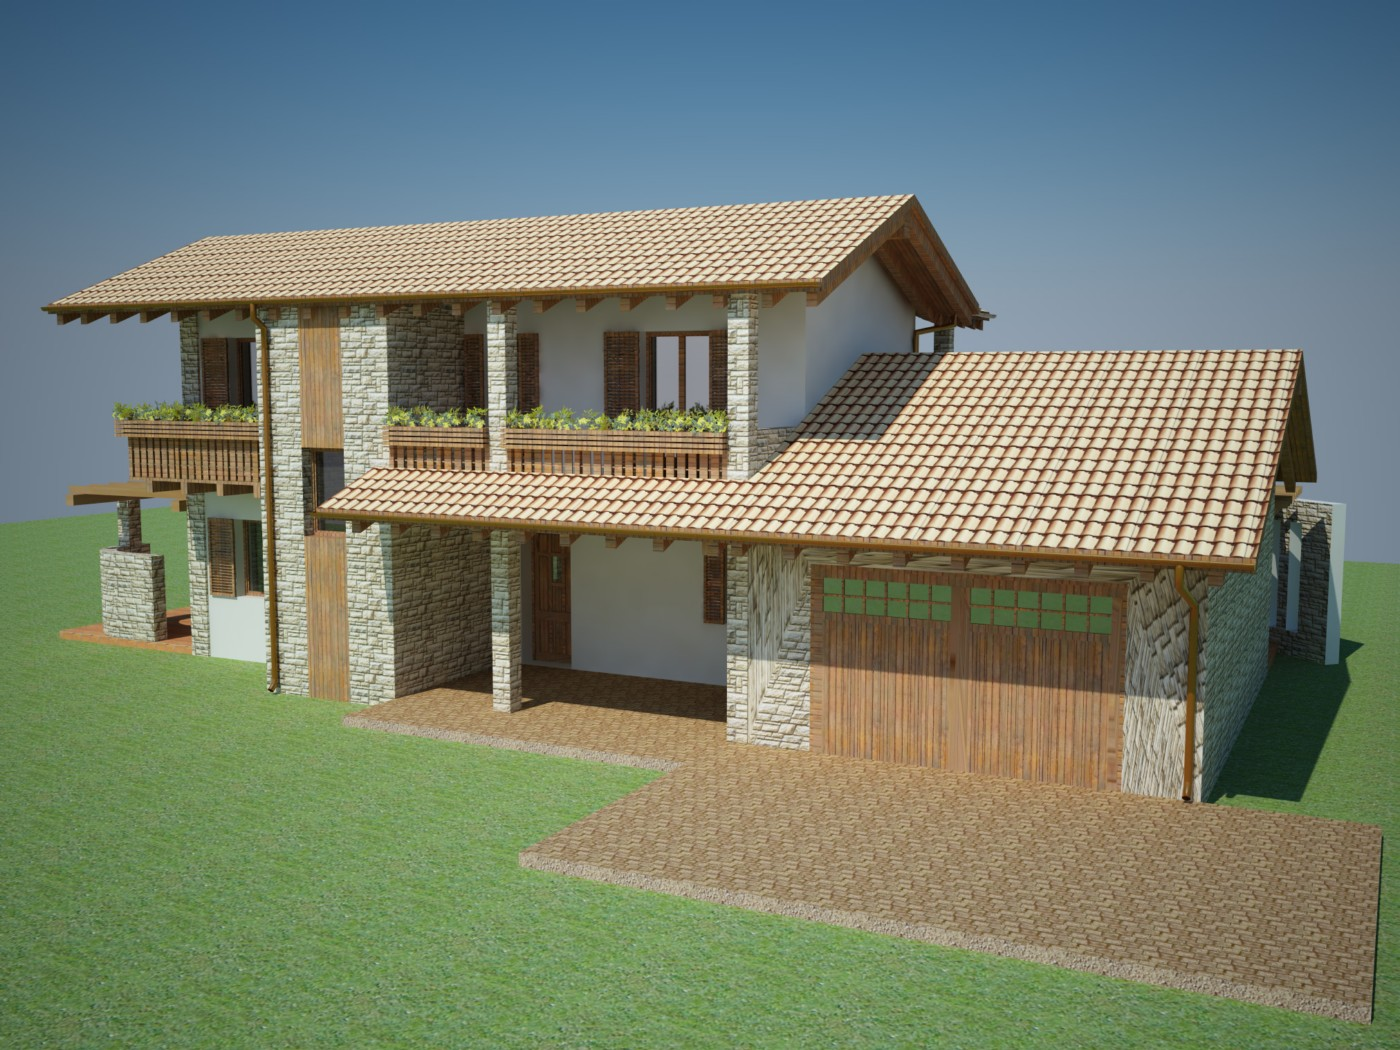 Vendita villa singola peveragno for Due garage di storia in vendita